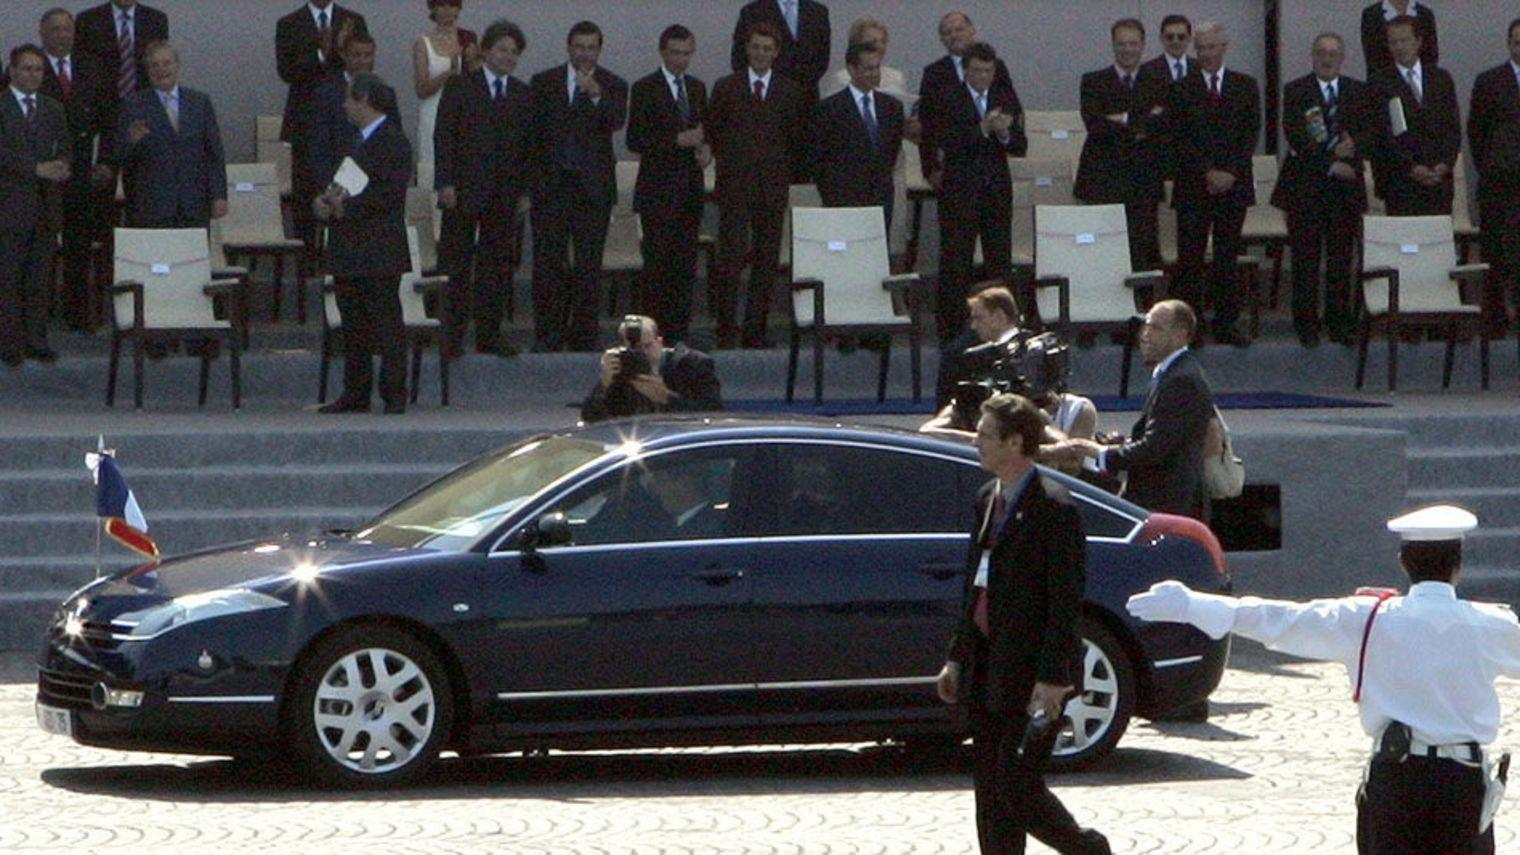 Ο Jacques Chirac σε ένα C6 στις 14 Ιουλίου του 2005